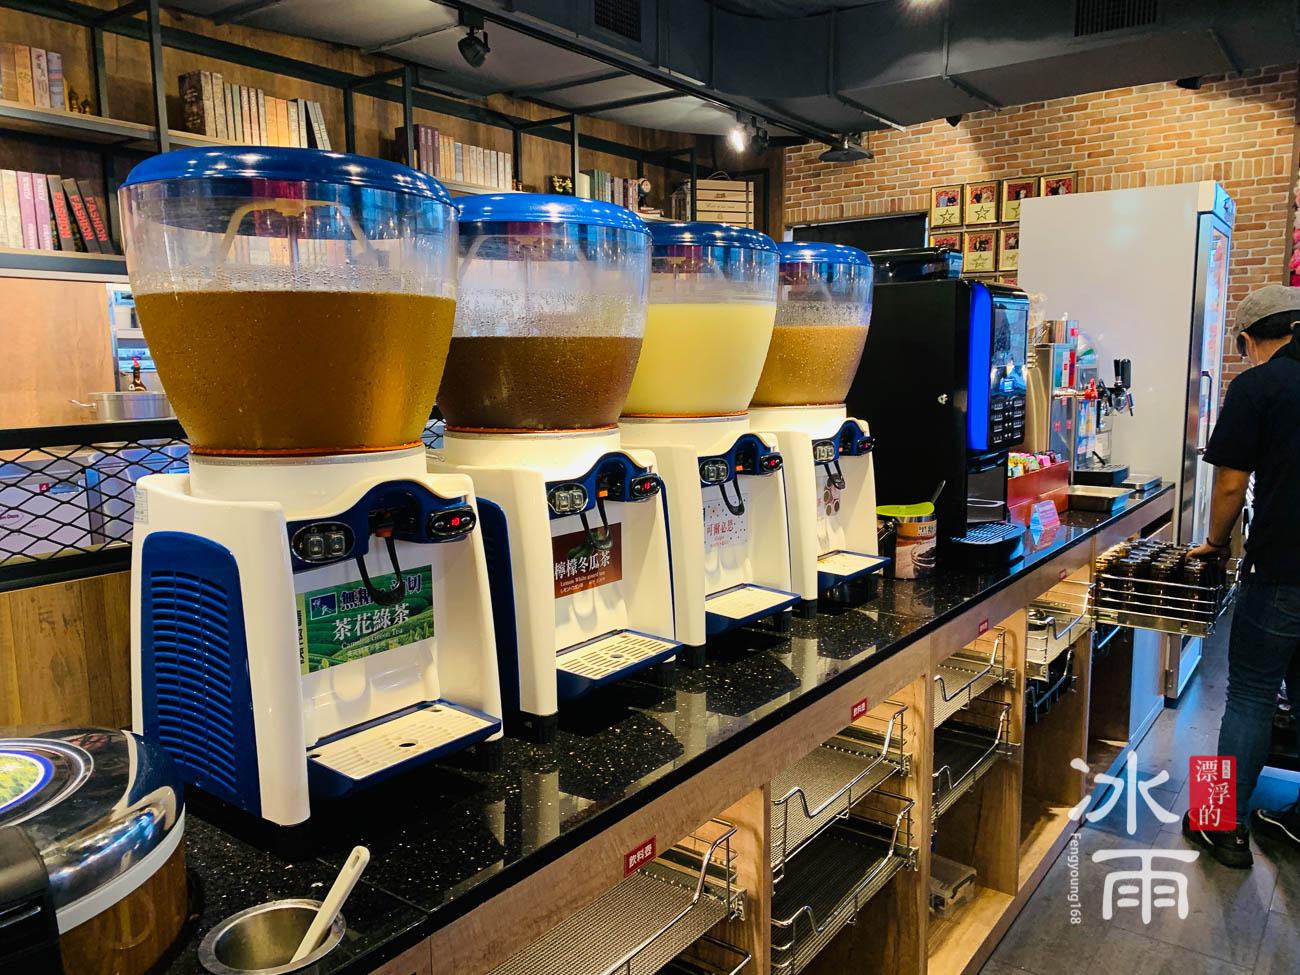 提供的飲料都很多元,品質也很好!茶葉也是給很高級的